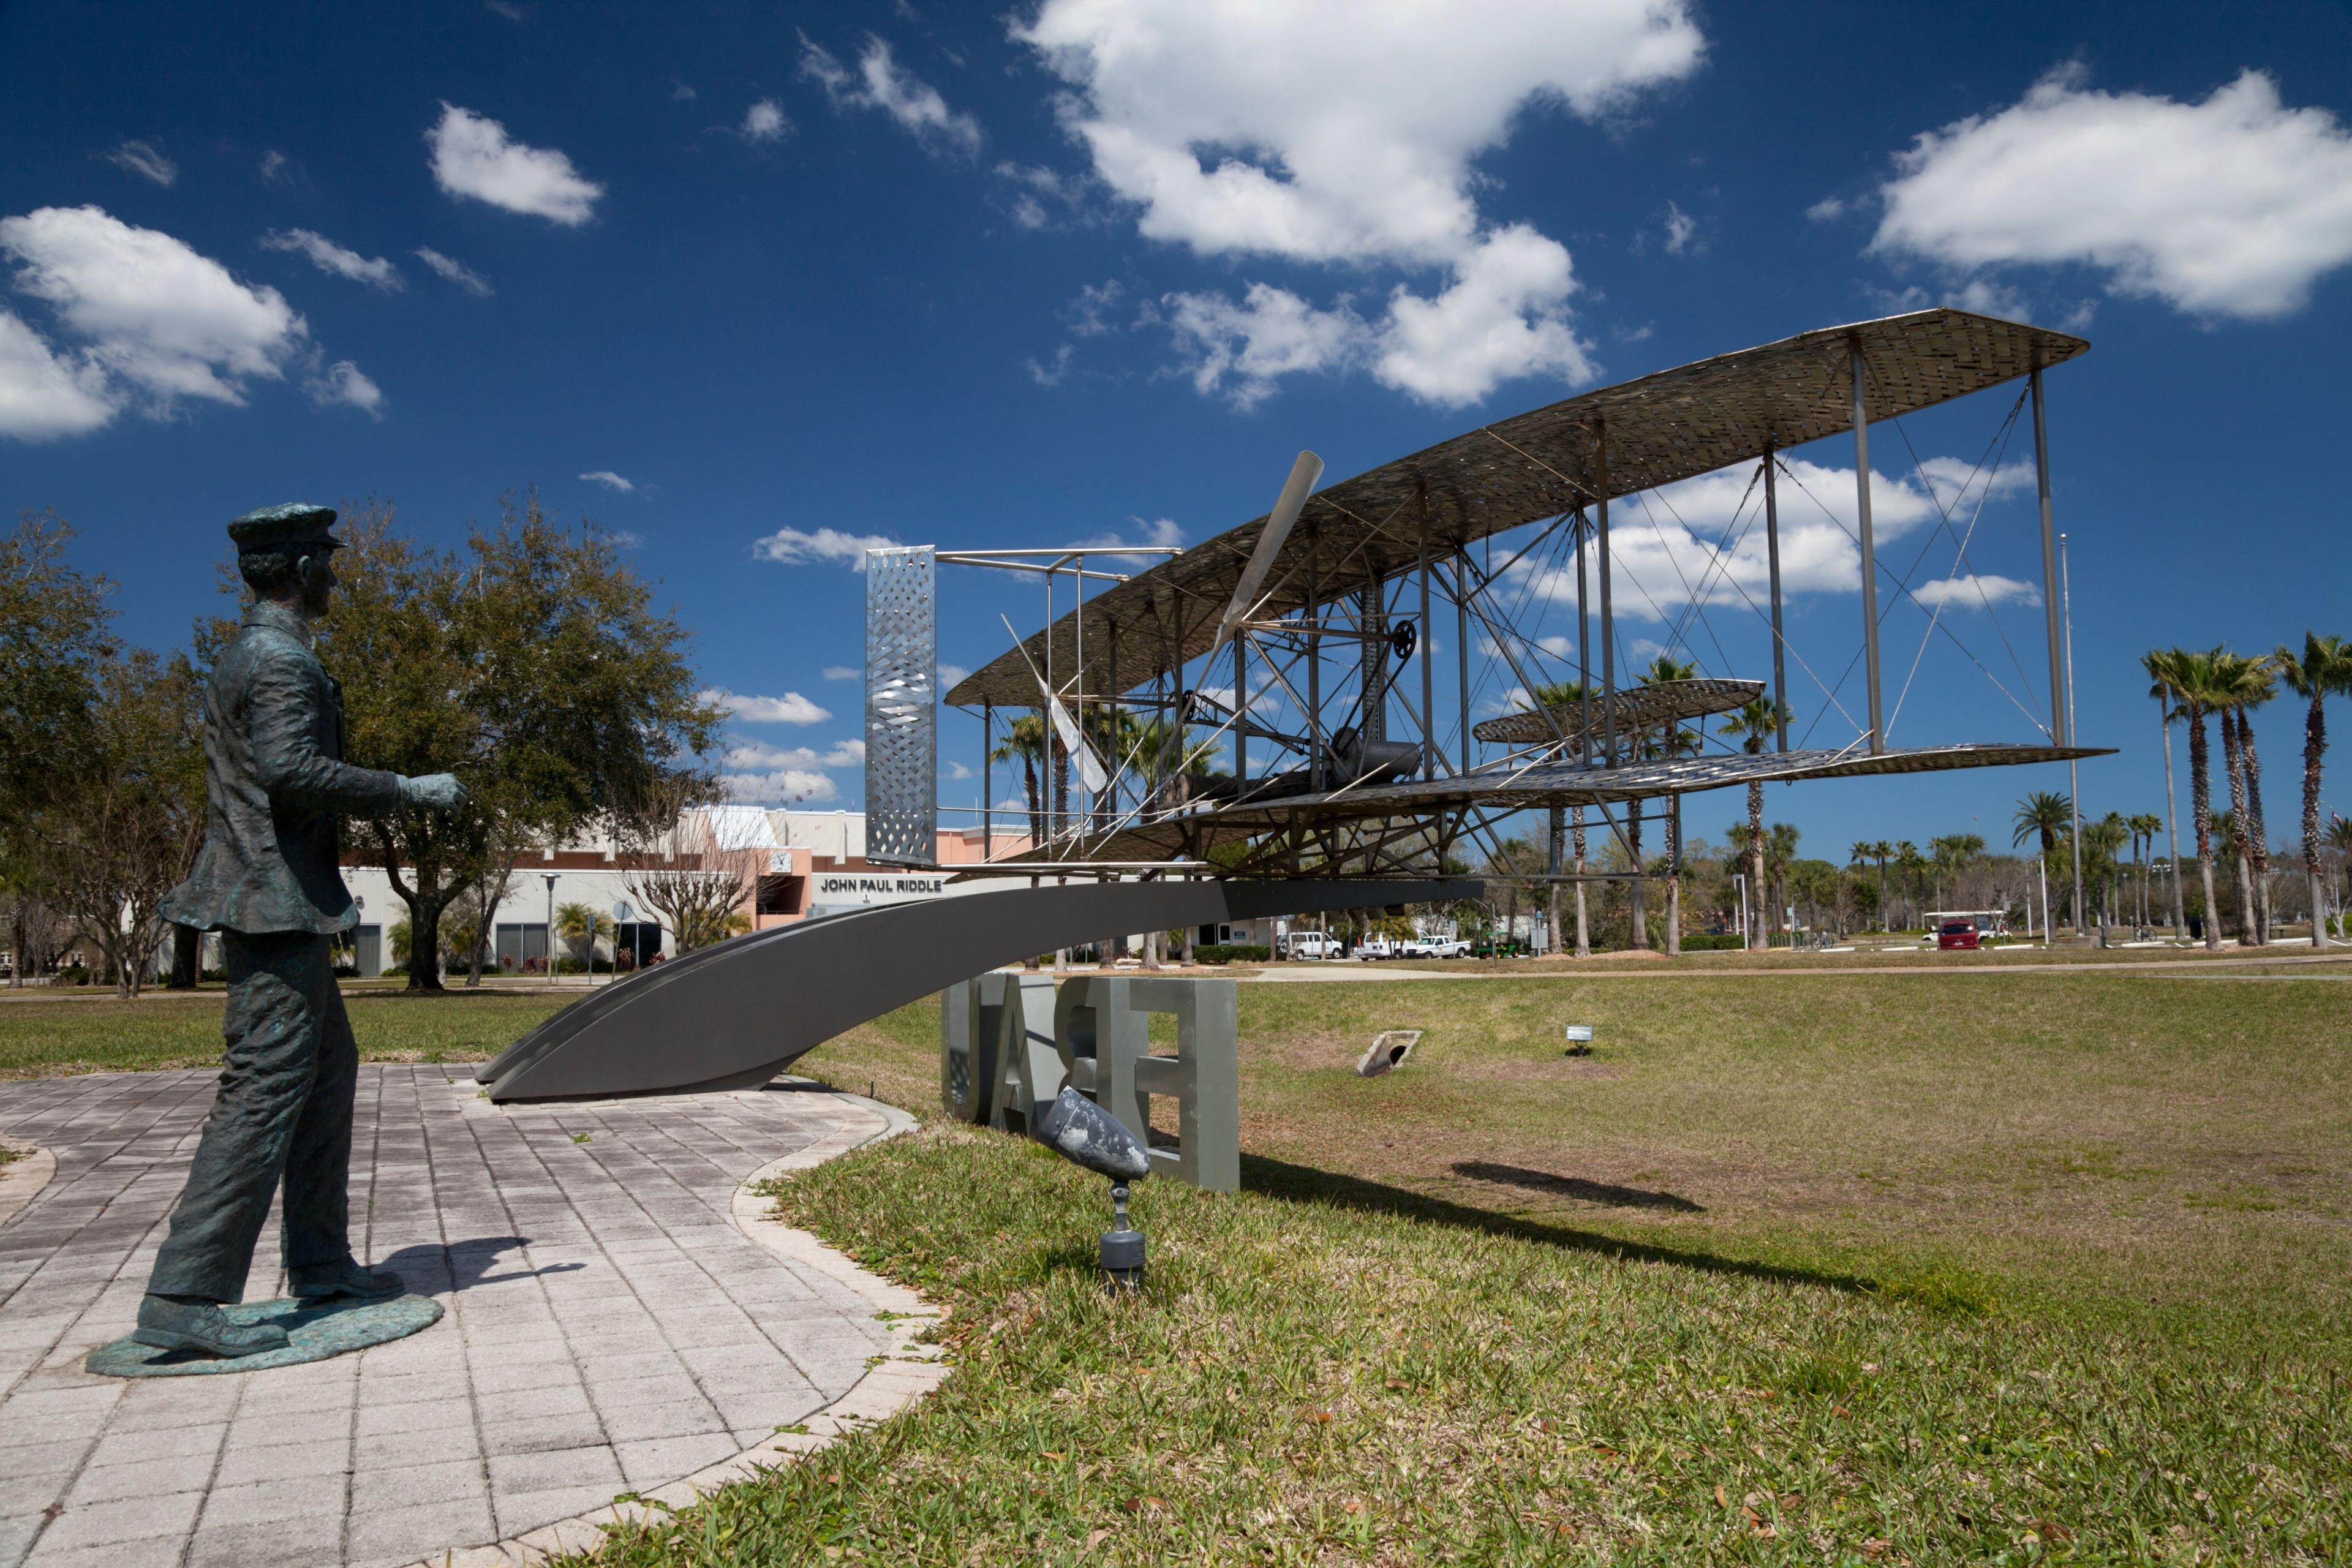 Embry-Riddle Aeronautical University, Daytona Beach, Florida, United States of America